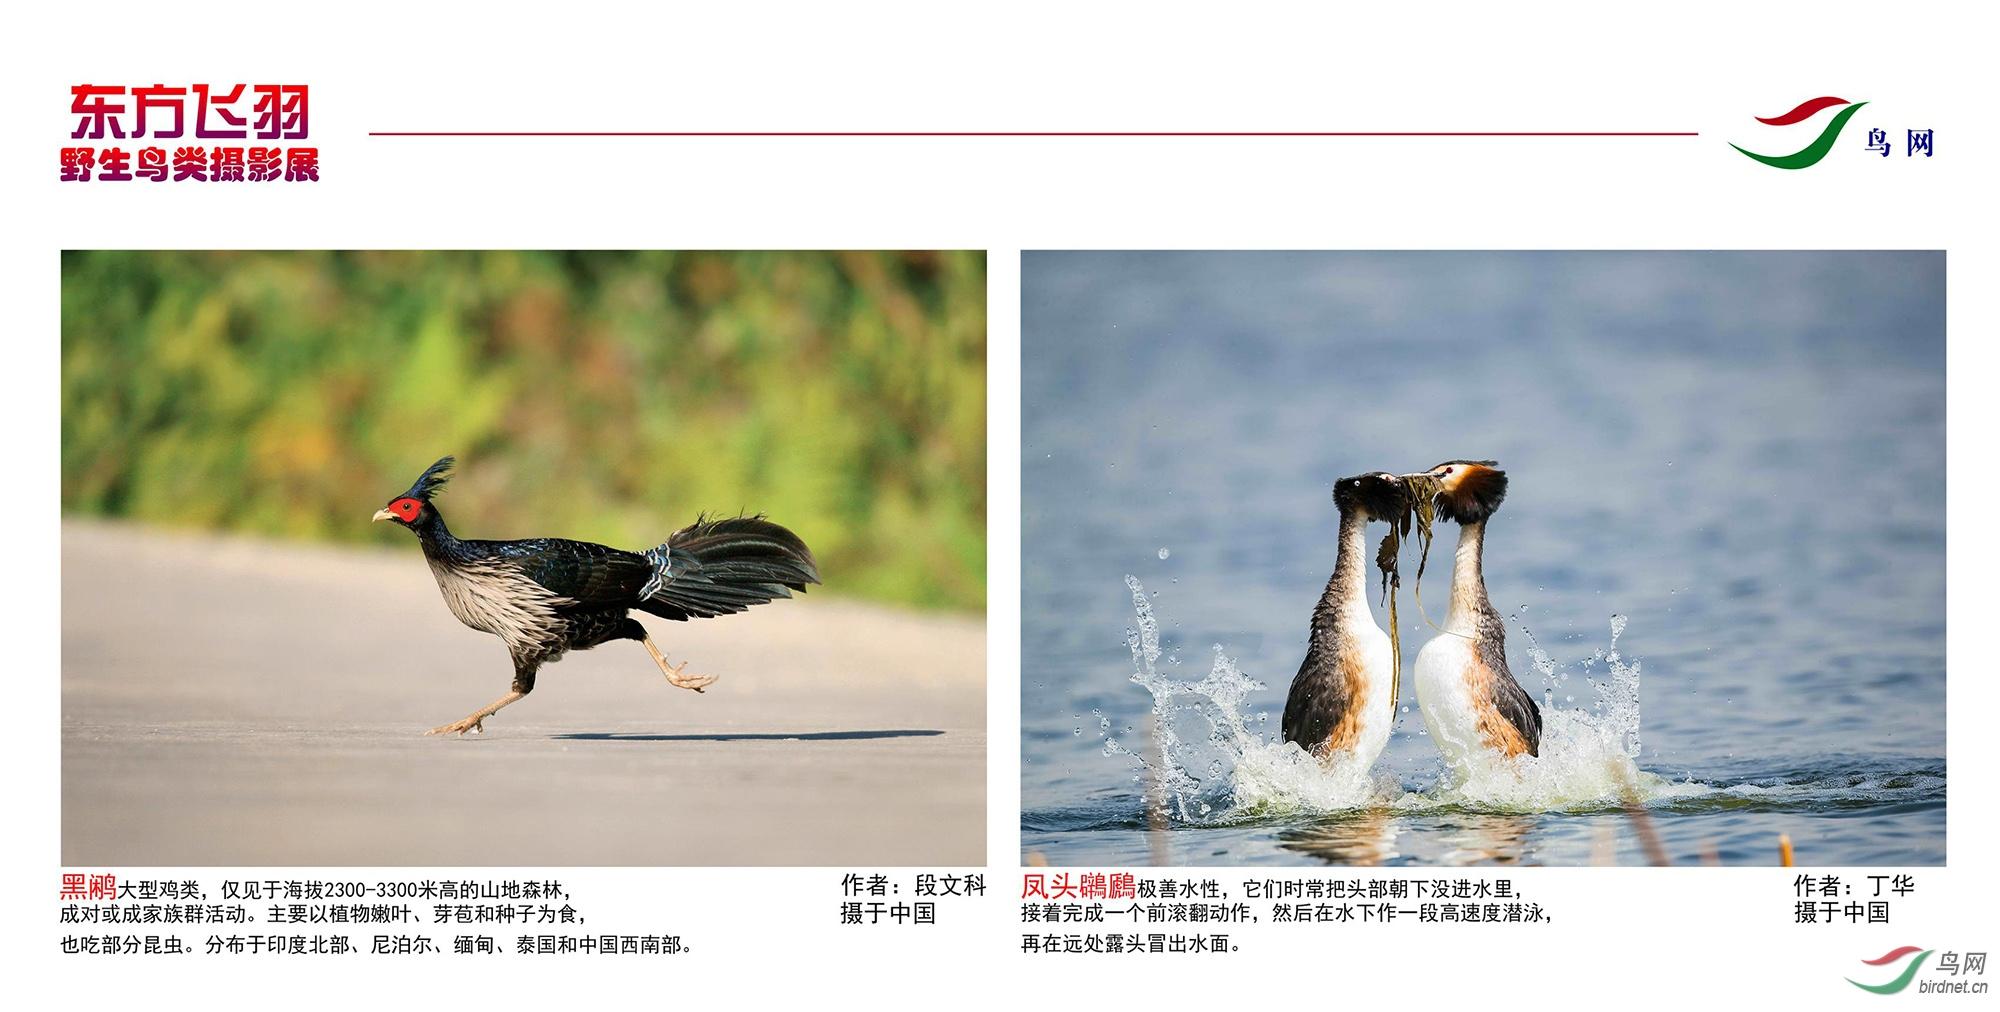 1_东方明珠摄影展照片_28.jpg